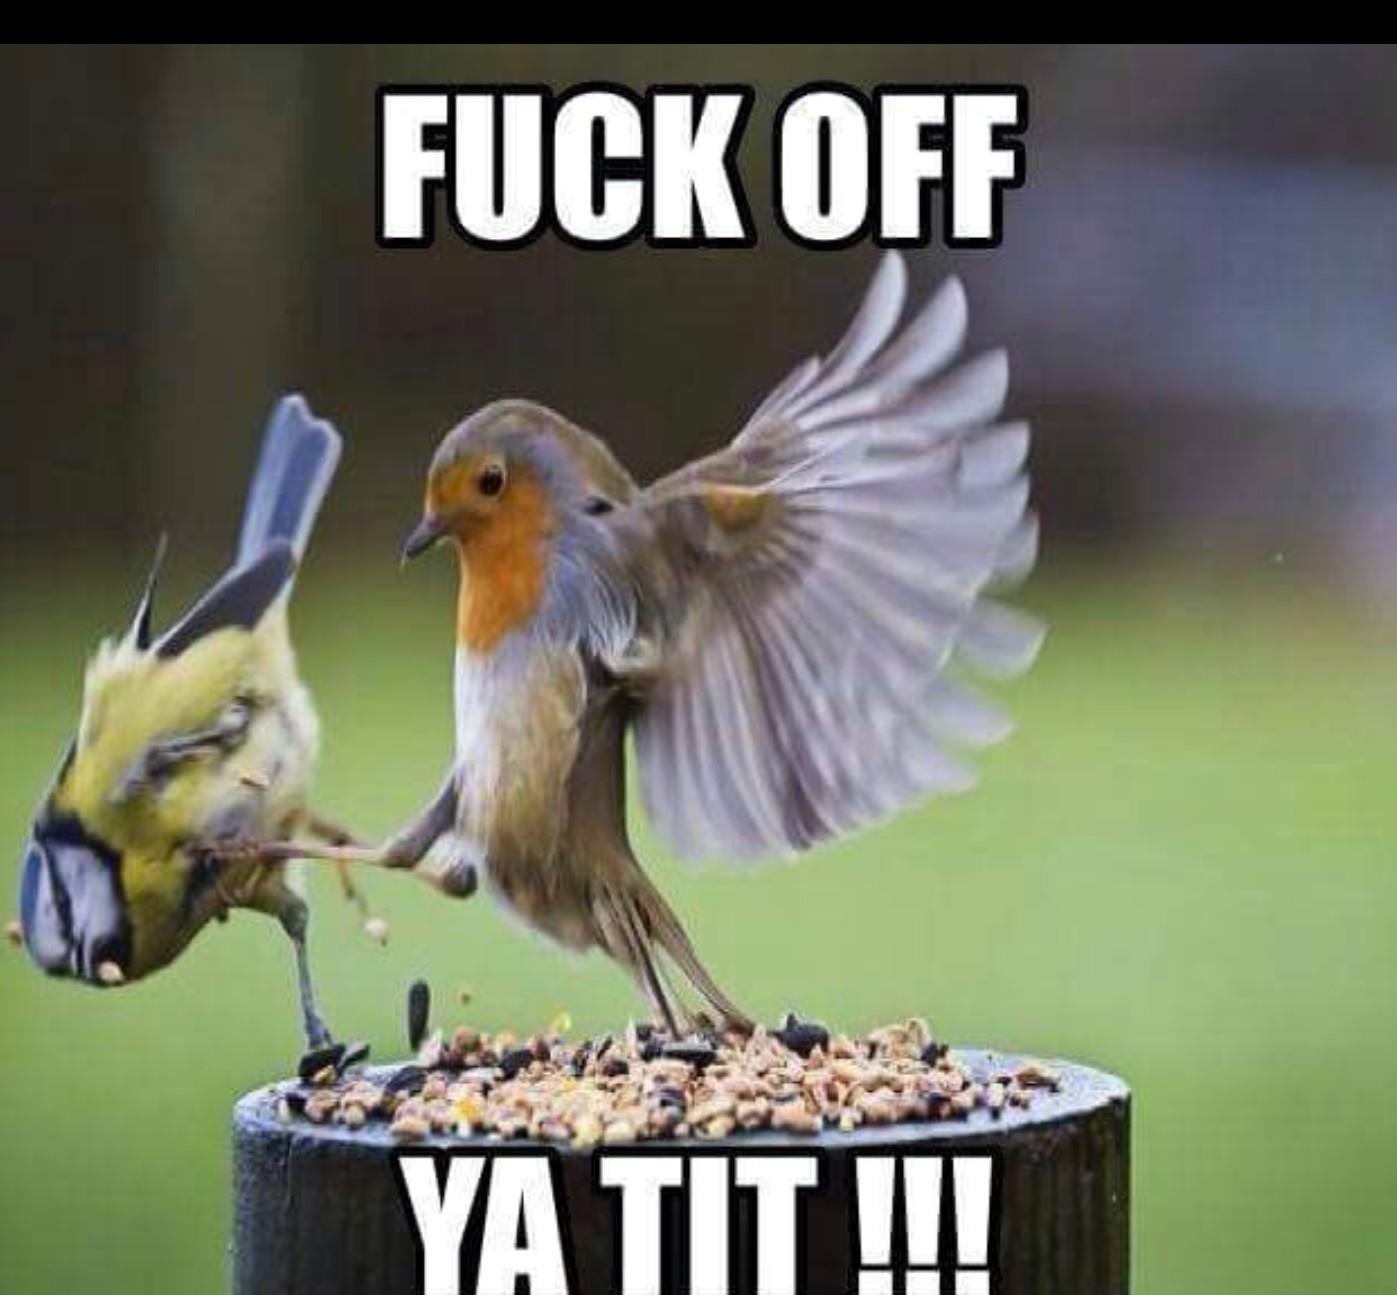 Fuck you, i'm a bird iv